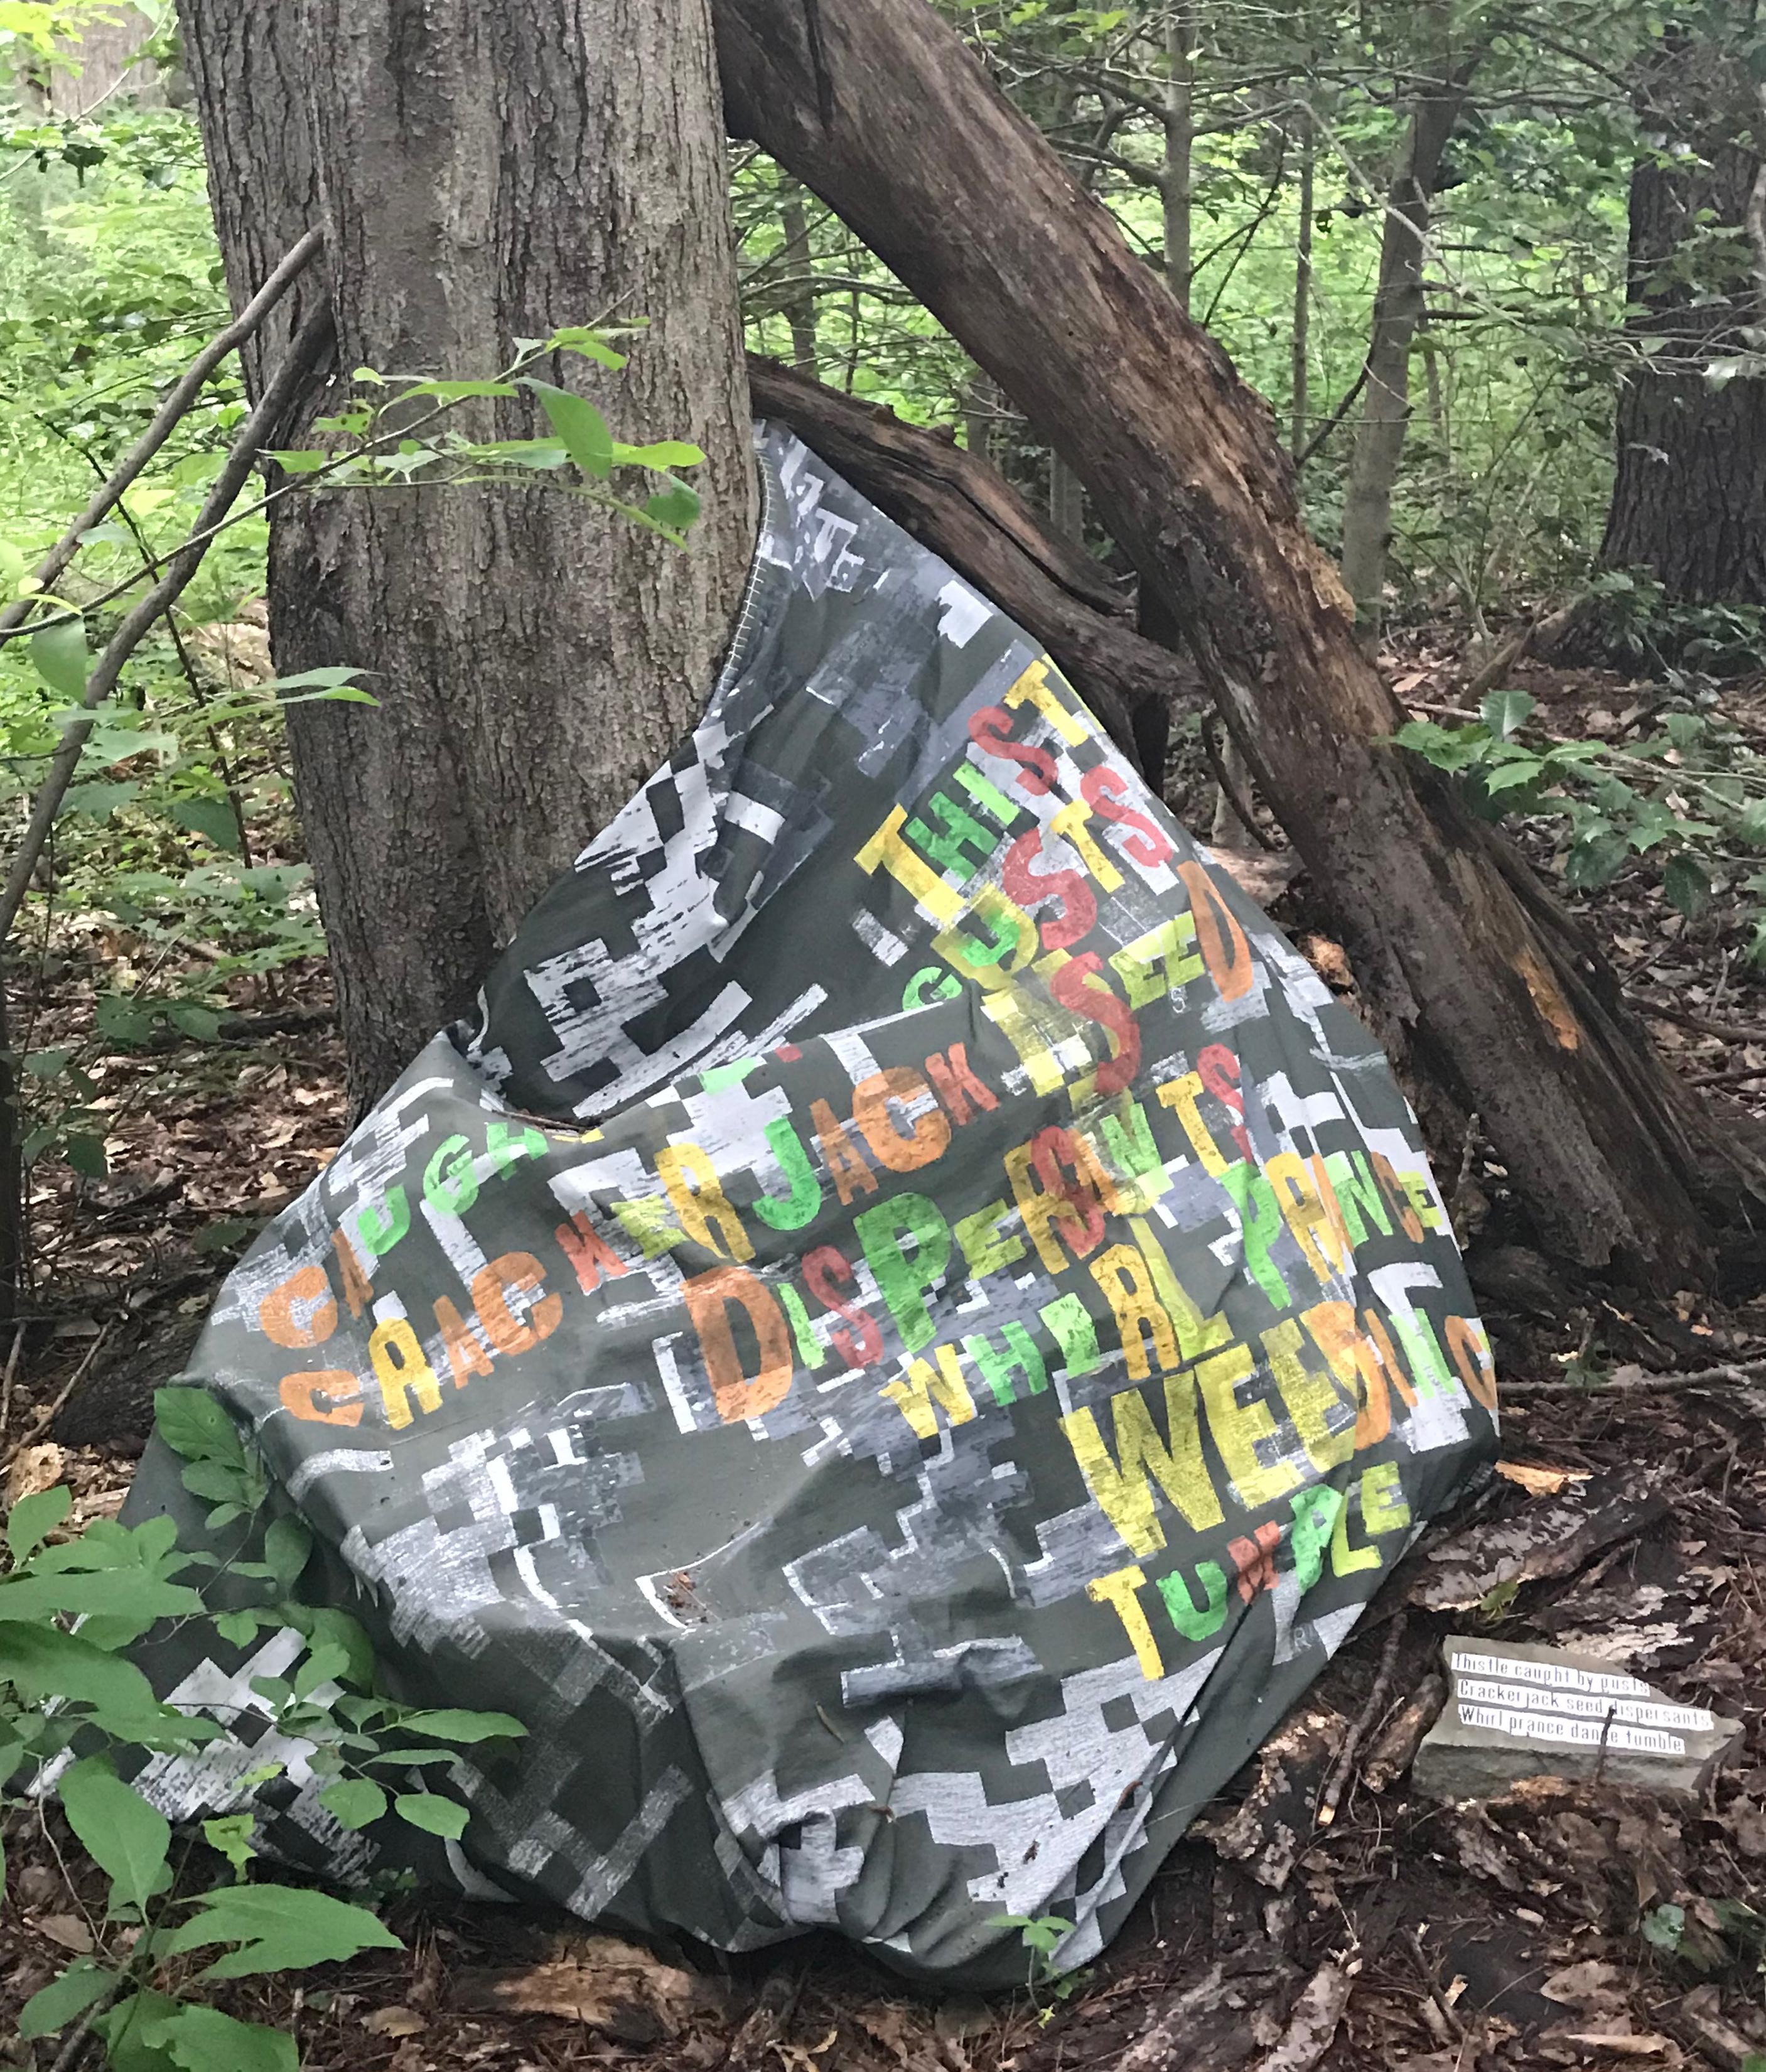 screen print, sculptures, repurposed art, Scrabble art, installation, outdoor